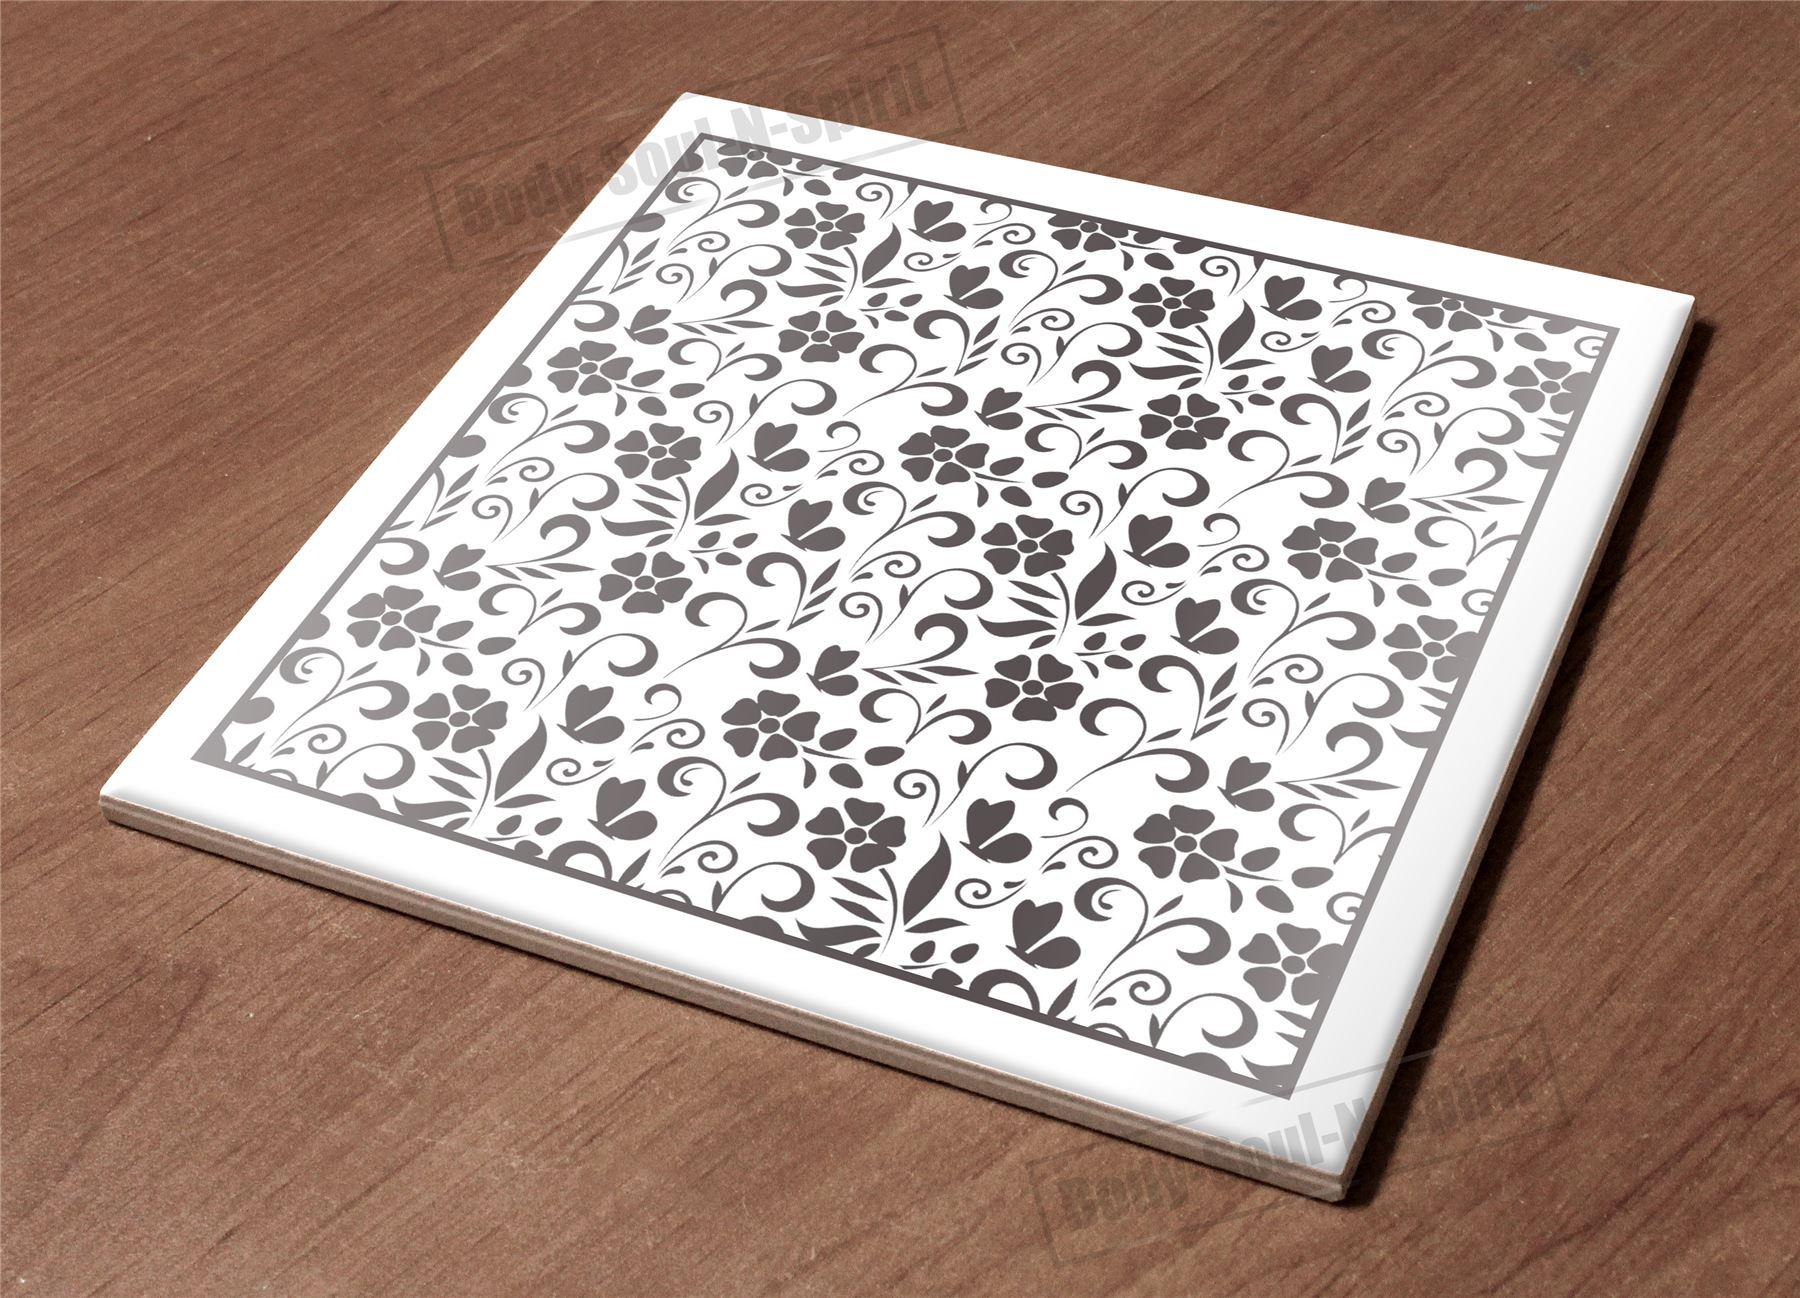 Ceramic Hot Plate Kitchen Trivet Holder Floral Sketch Paint Decor Design Gift